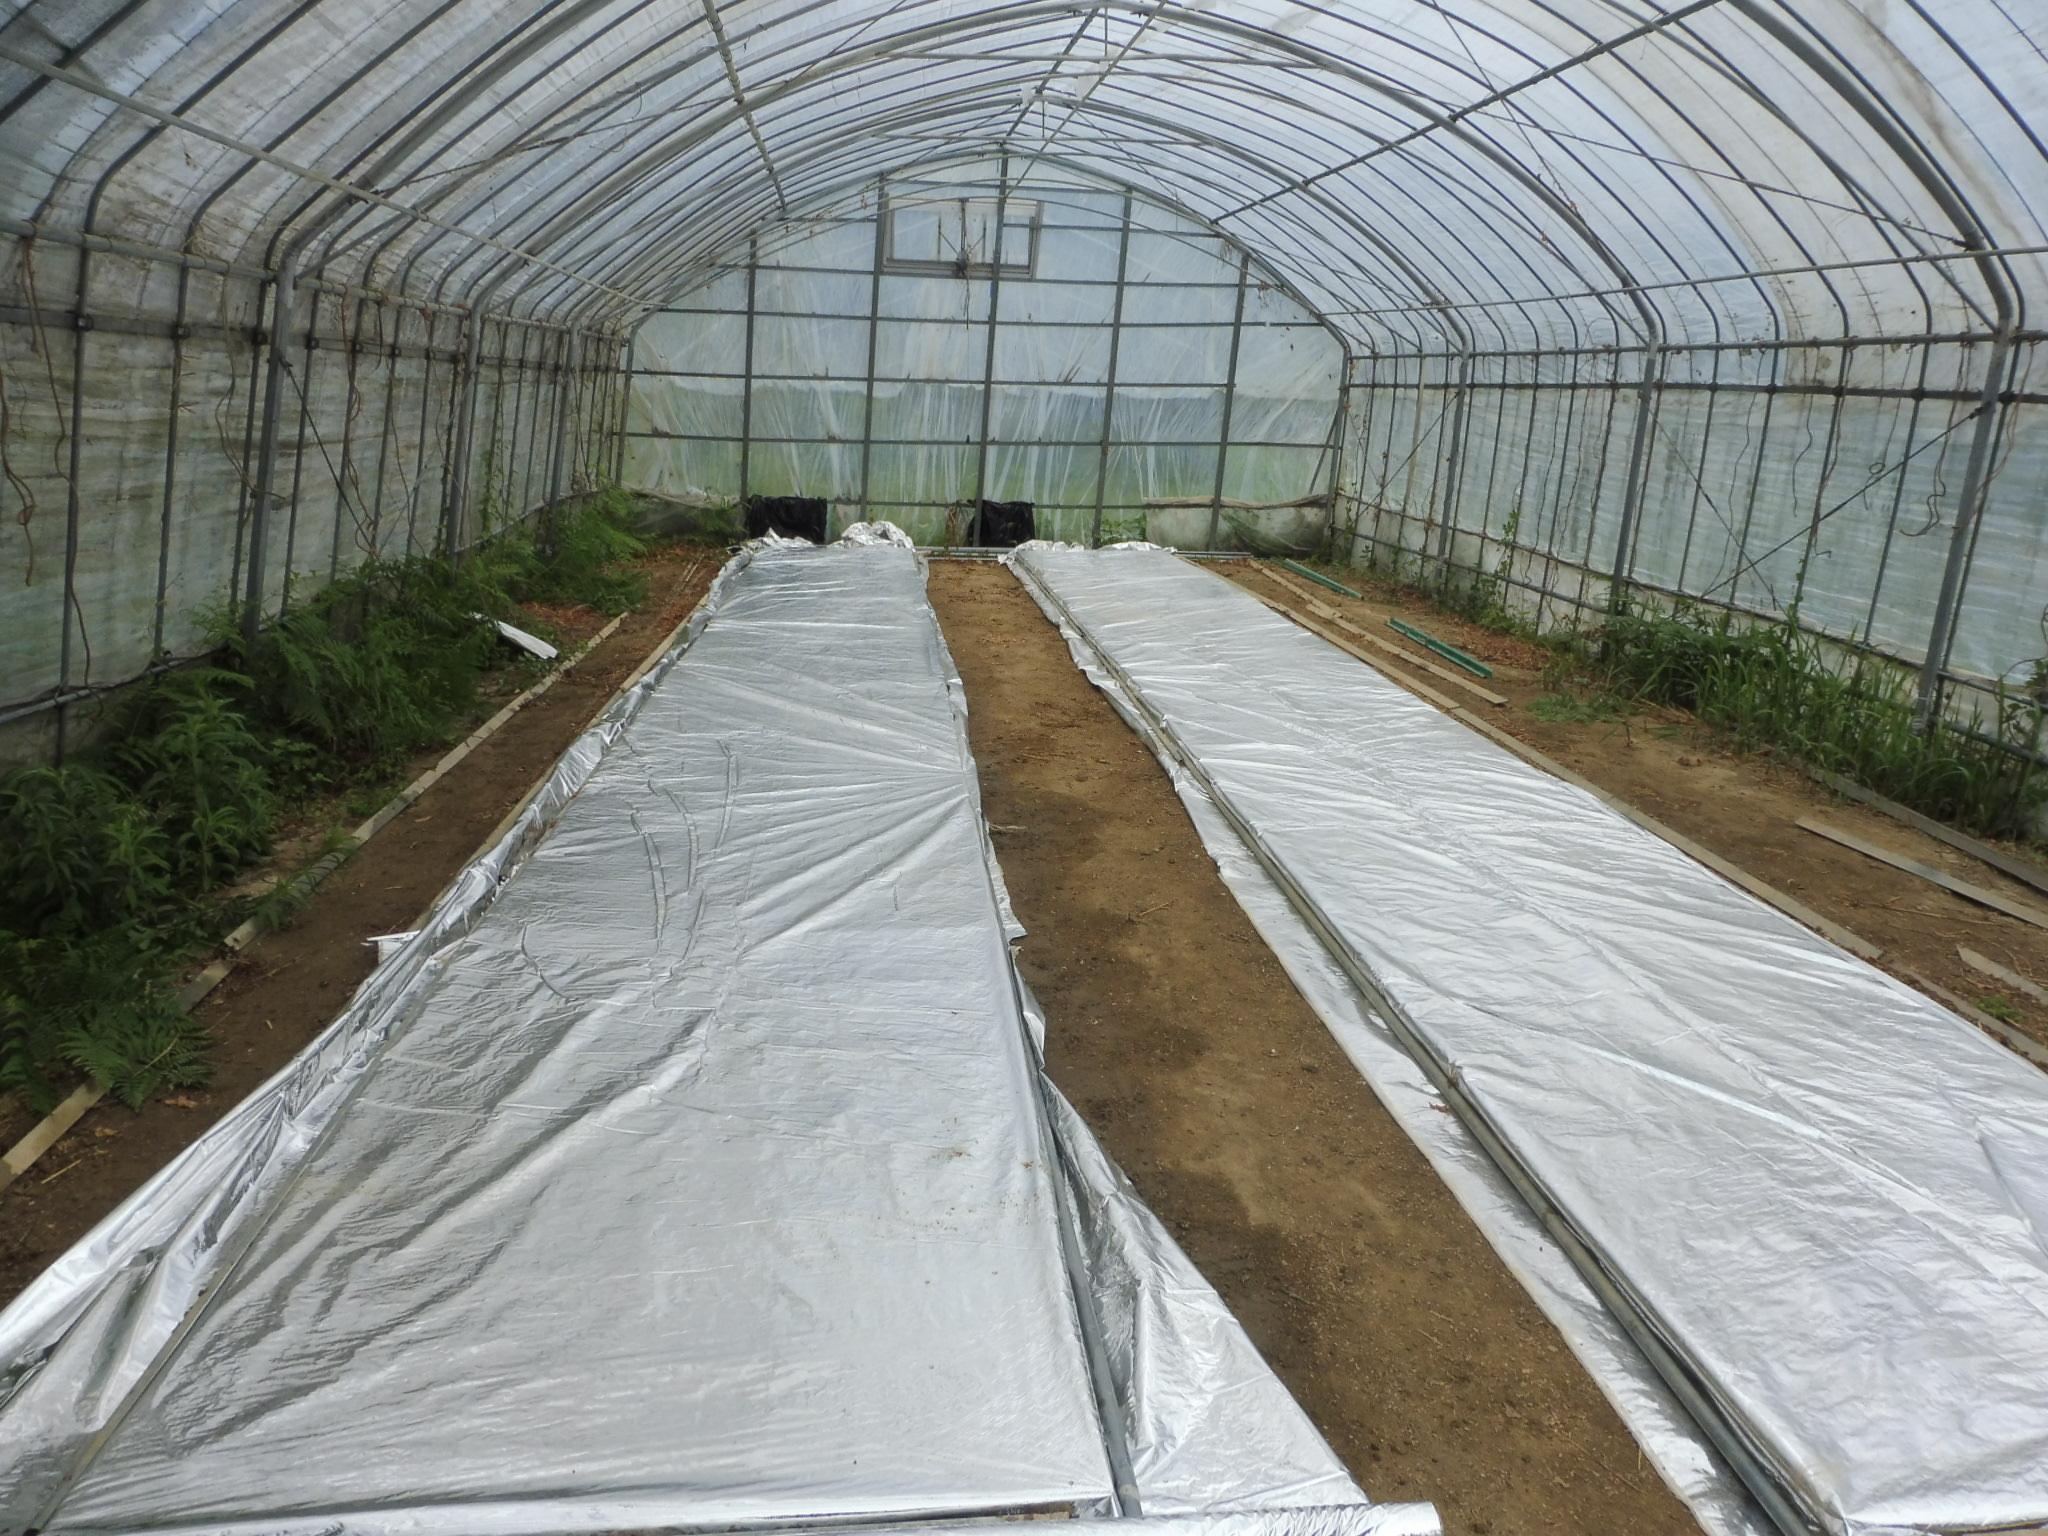 暑さに弱い苗の「苗焼け」を防ぐために育苗シートを被せていきます。一定の温度以上の温度上昇を防ぐため、予想以上の高温になることを防いでくれます。